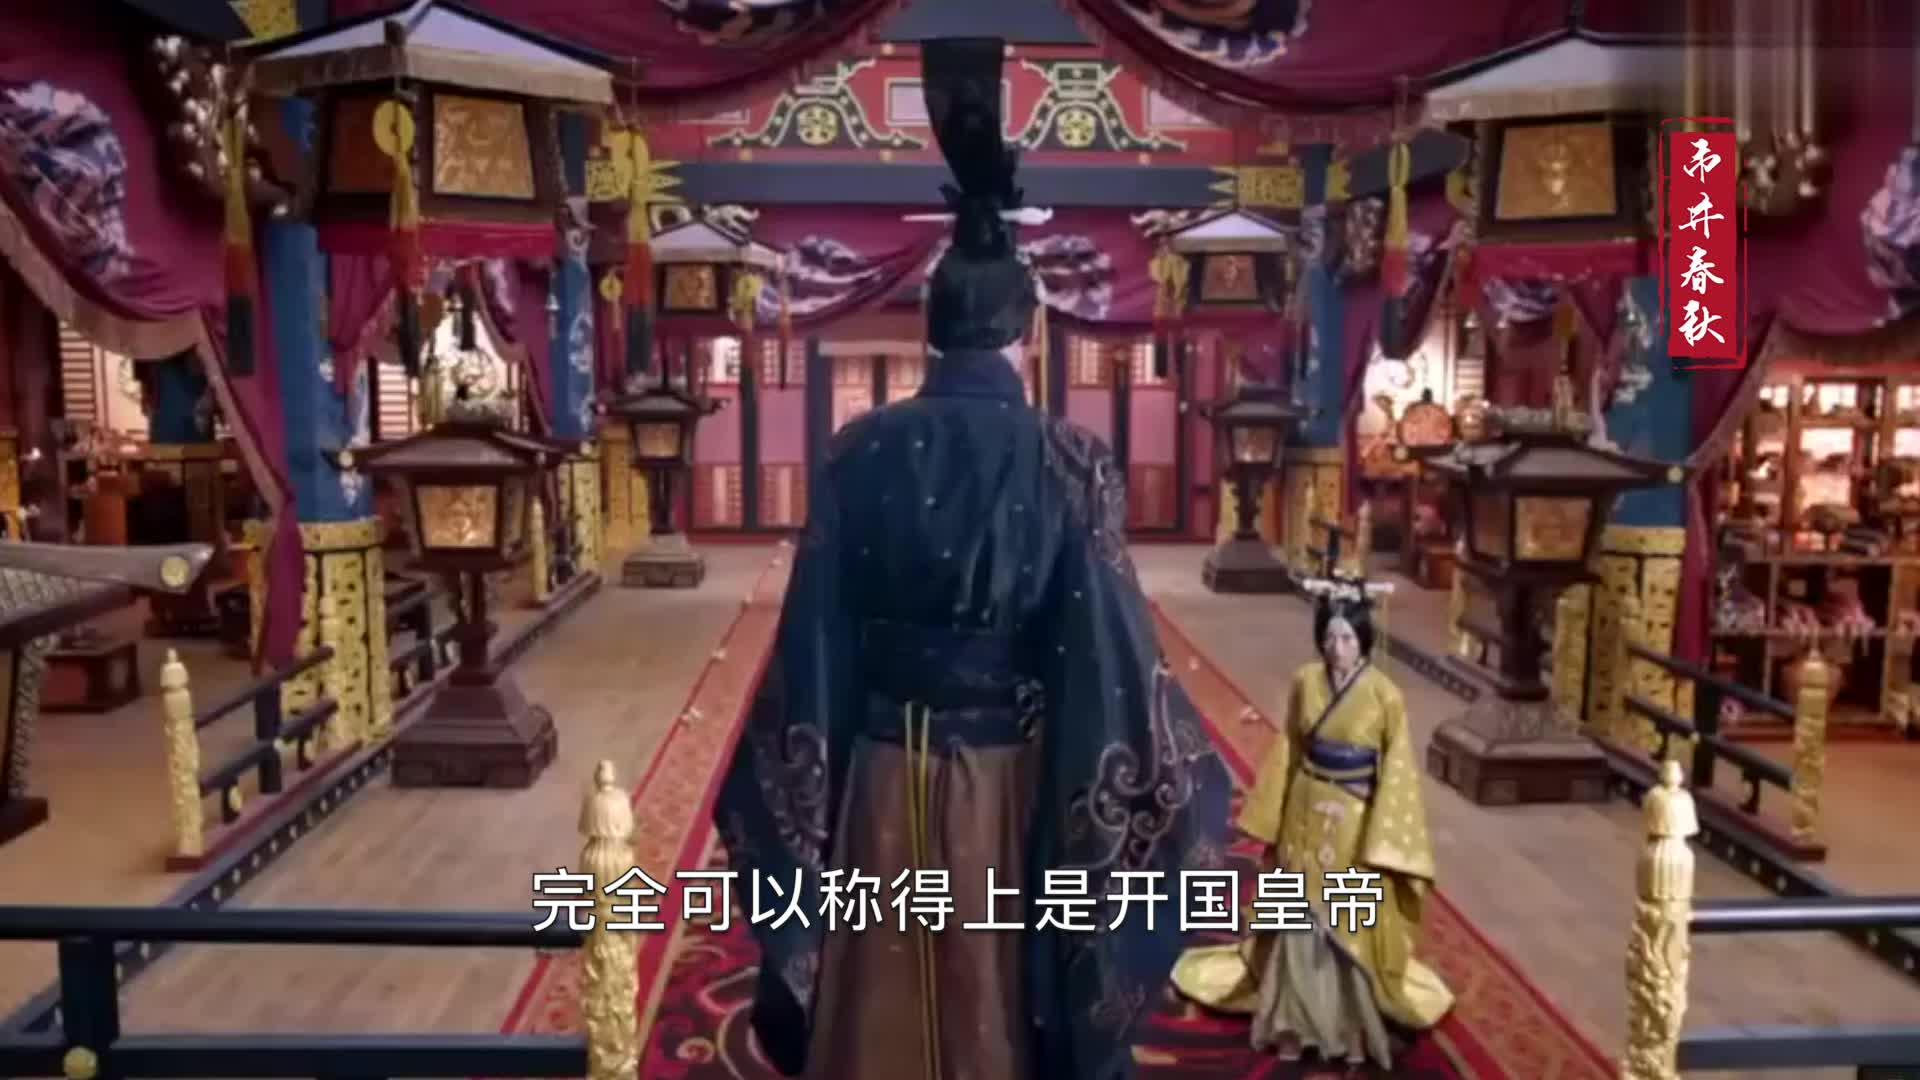 刘秀本可以自立天下为何还要自称是刘邦后裔延续大汉王朝